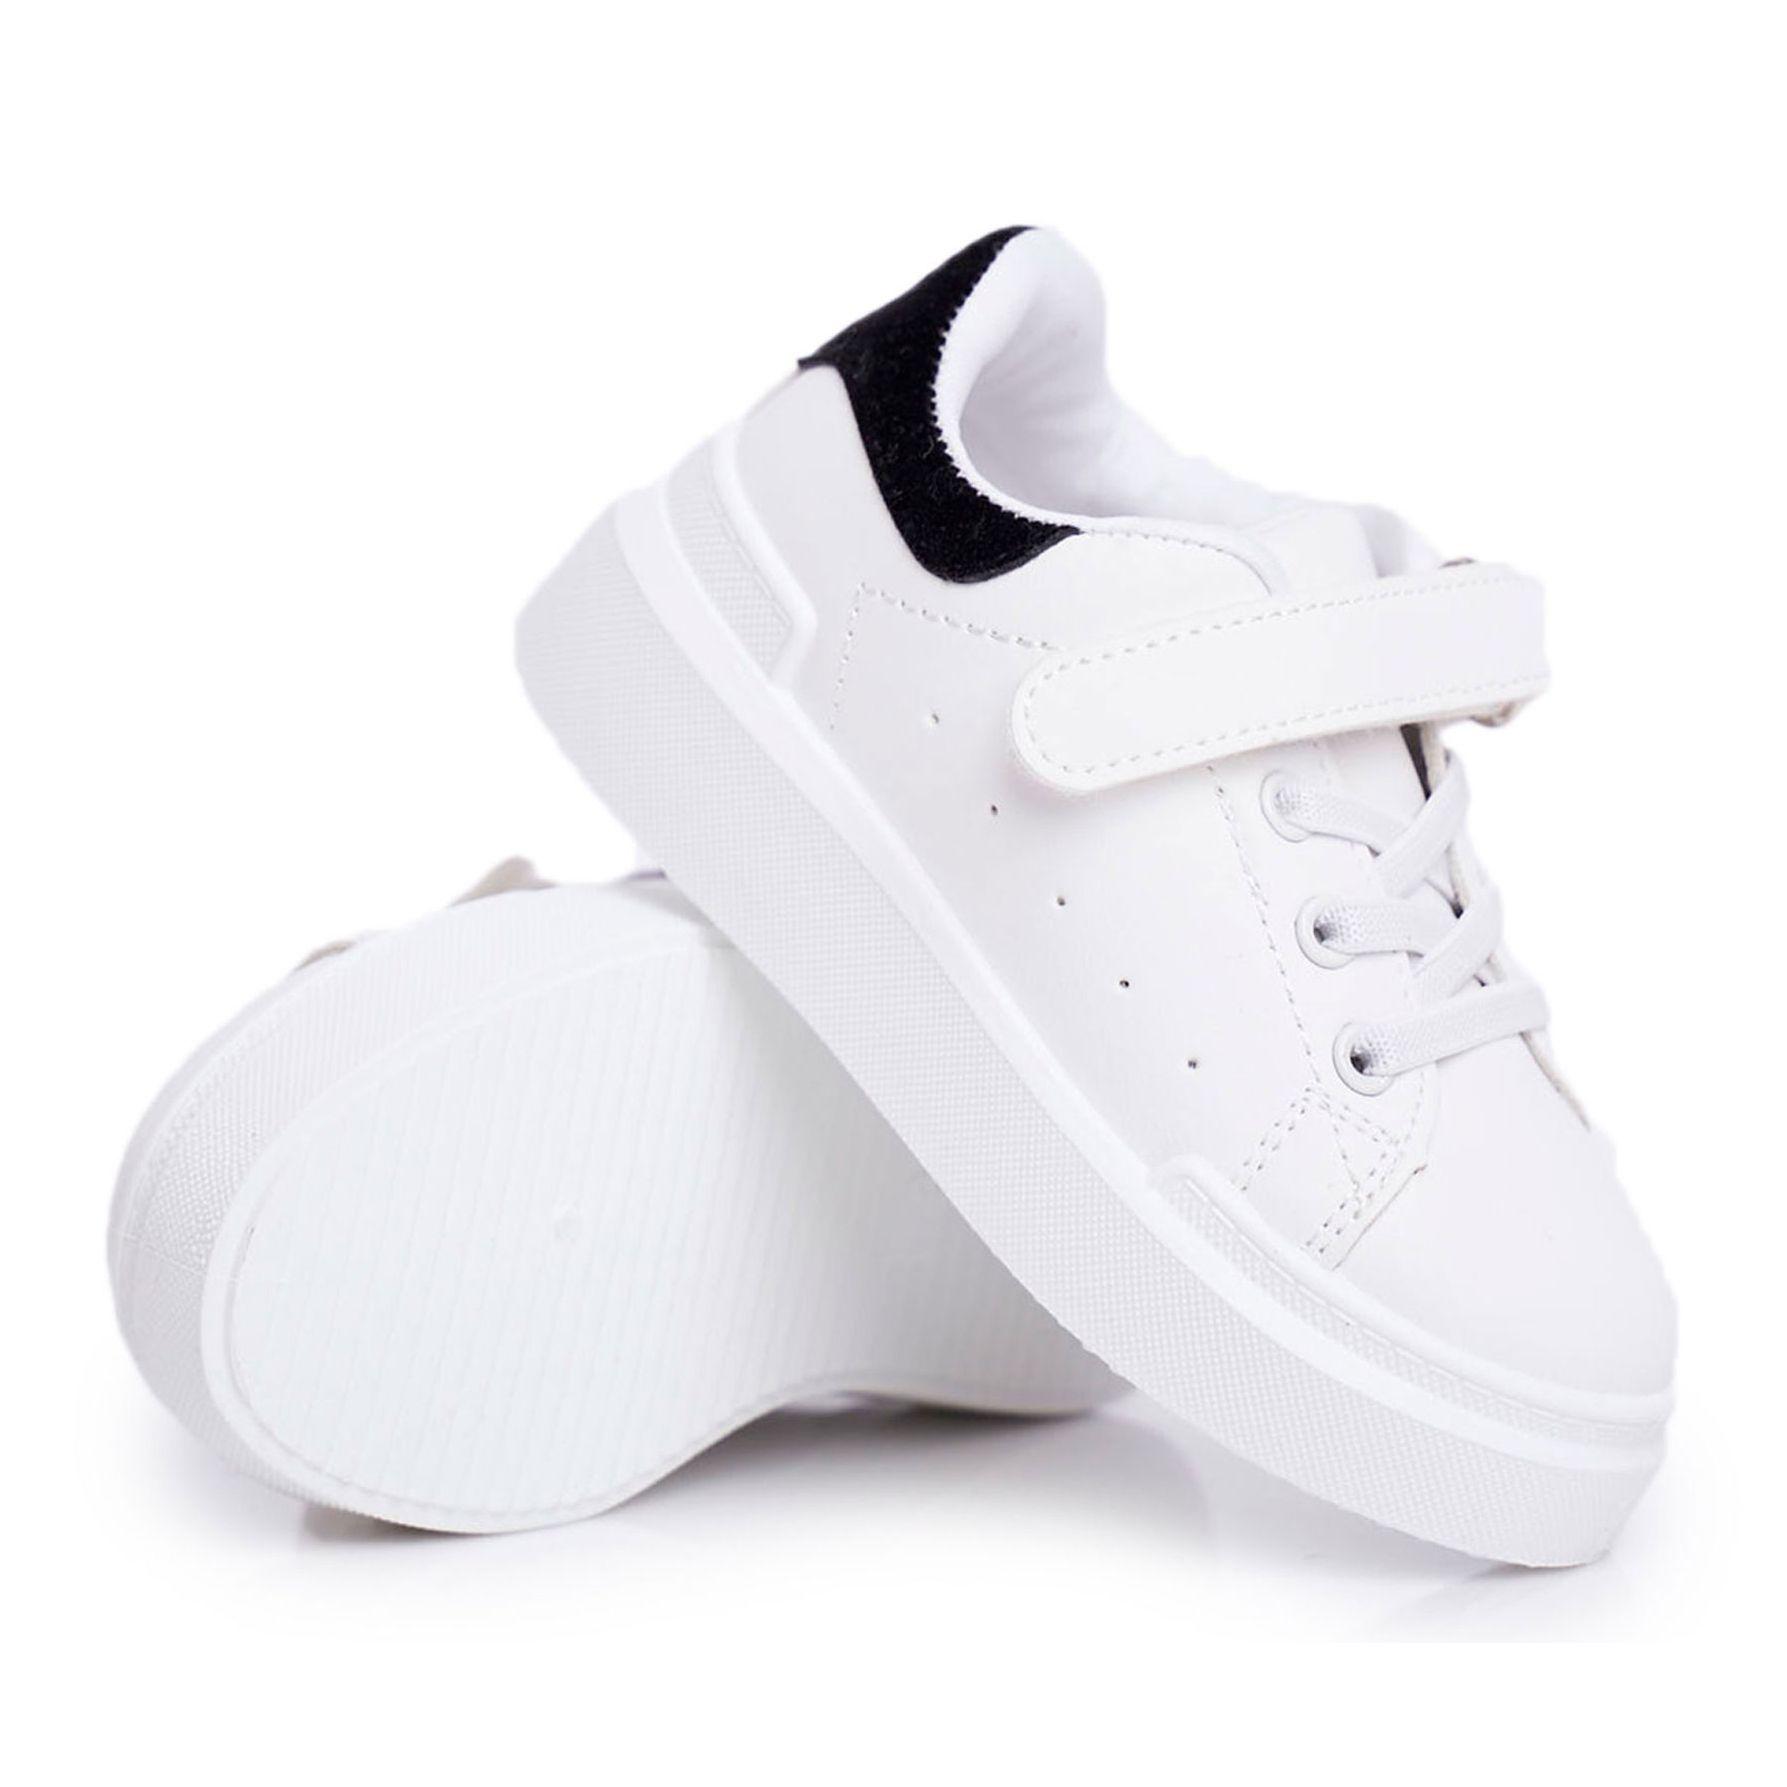 Frrock Obuwie Sportowe Dzieciece Mlodziezowe Na Rzep Biale Bilbo Czarne Adidas Stan Adidas Stan Smith Shoes